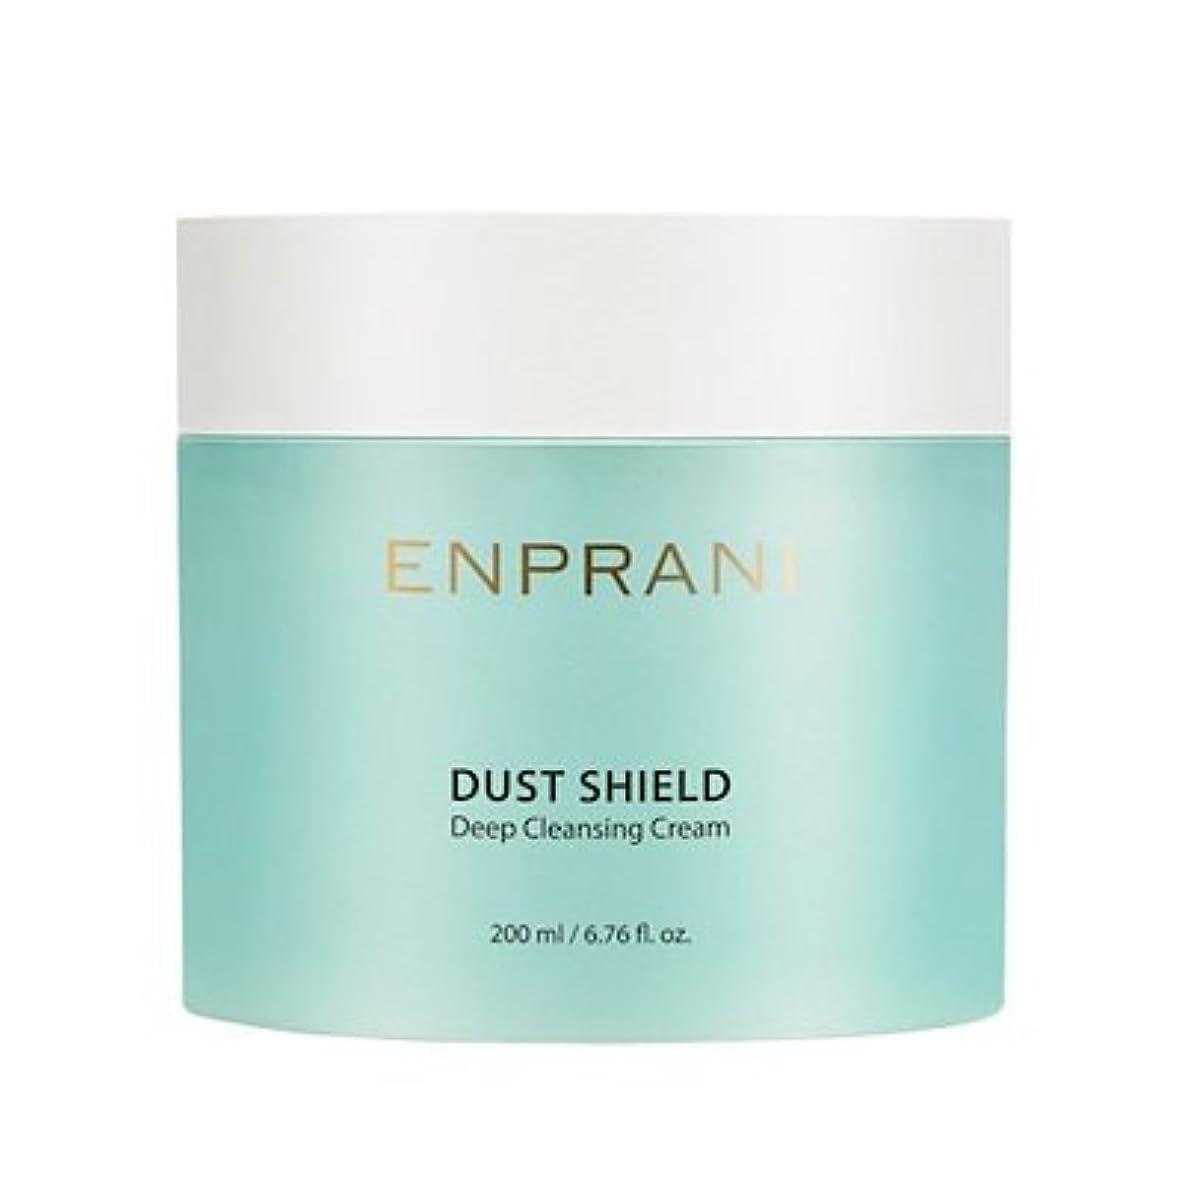 サポート海里変なENPRANI Dust Shield Deep Cleansing Cream エンプラニ ダストシールドディープクレンジングクリーム200ml [並行輸入品]